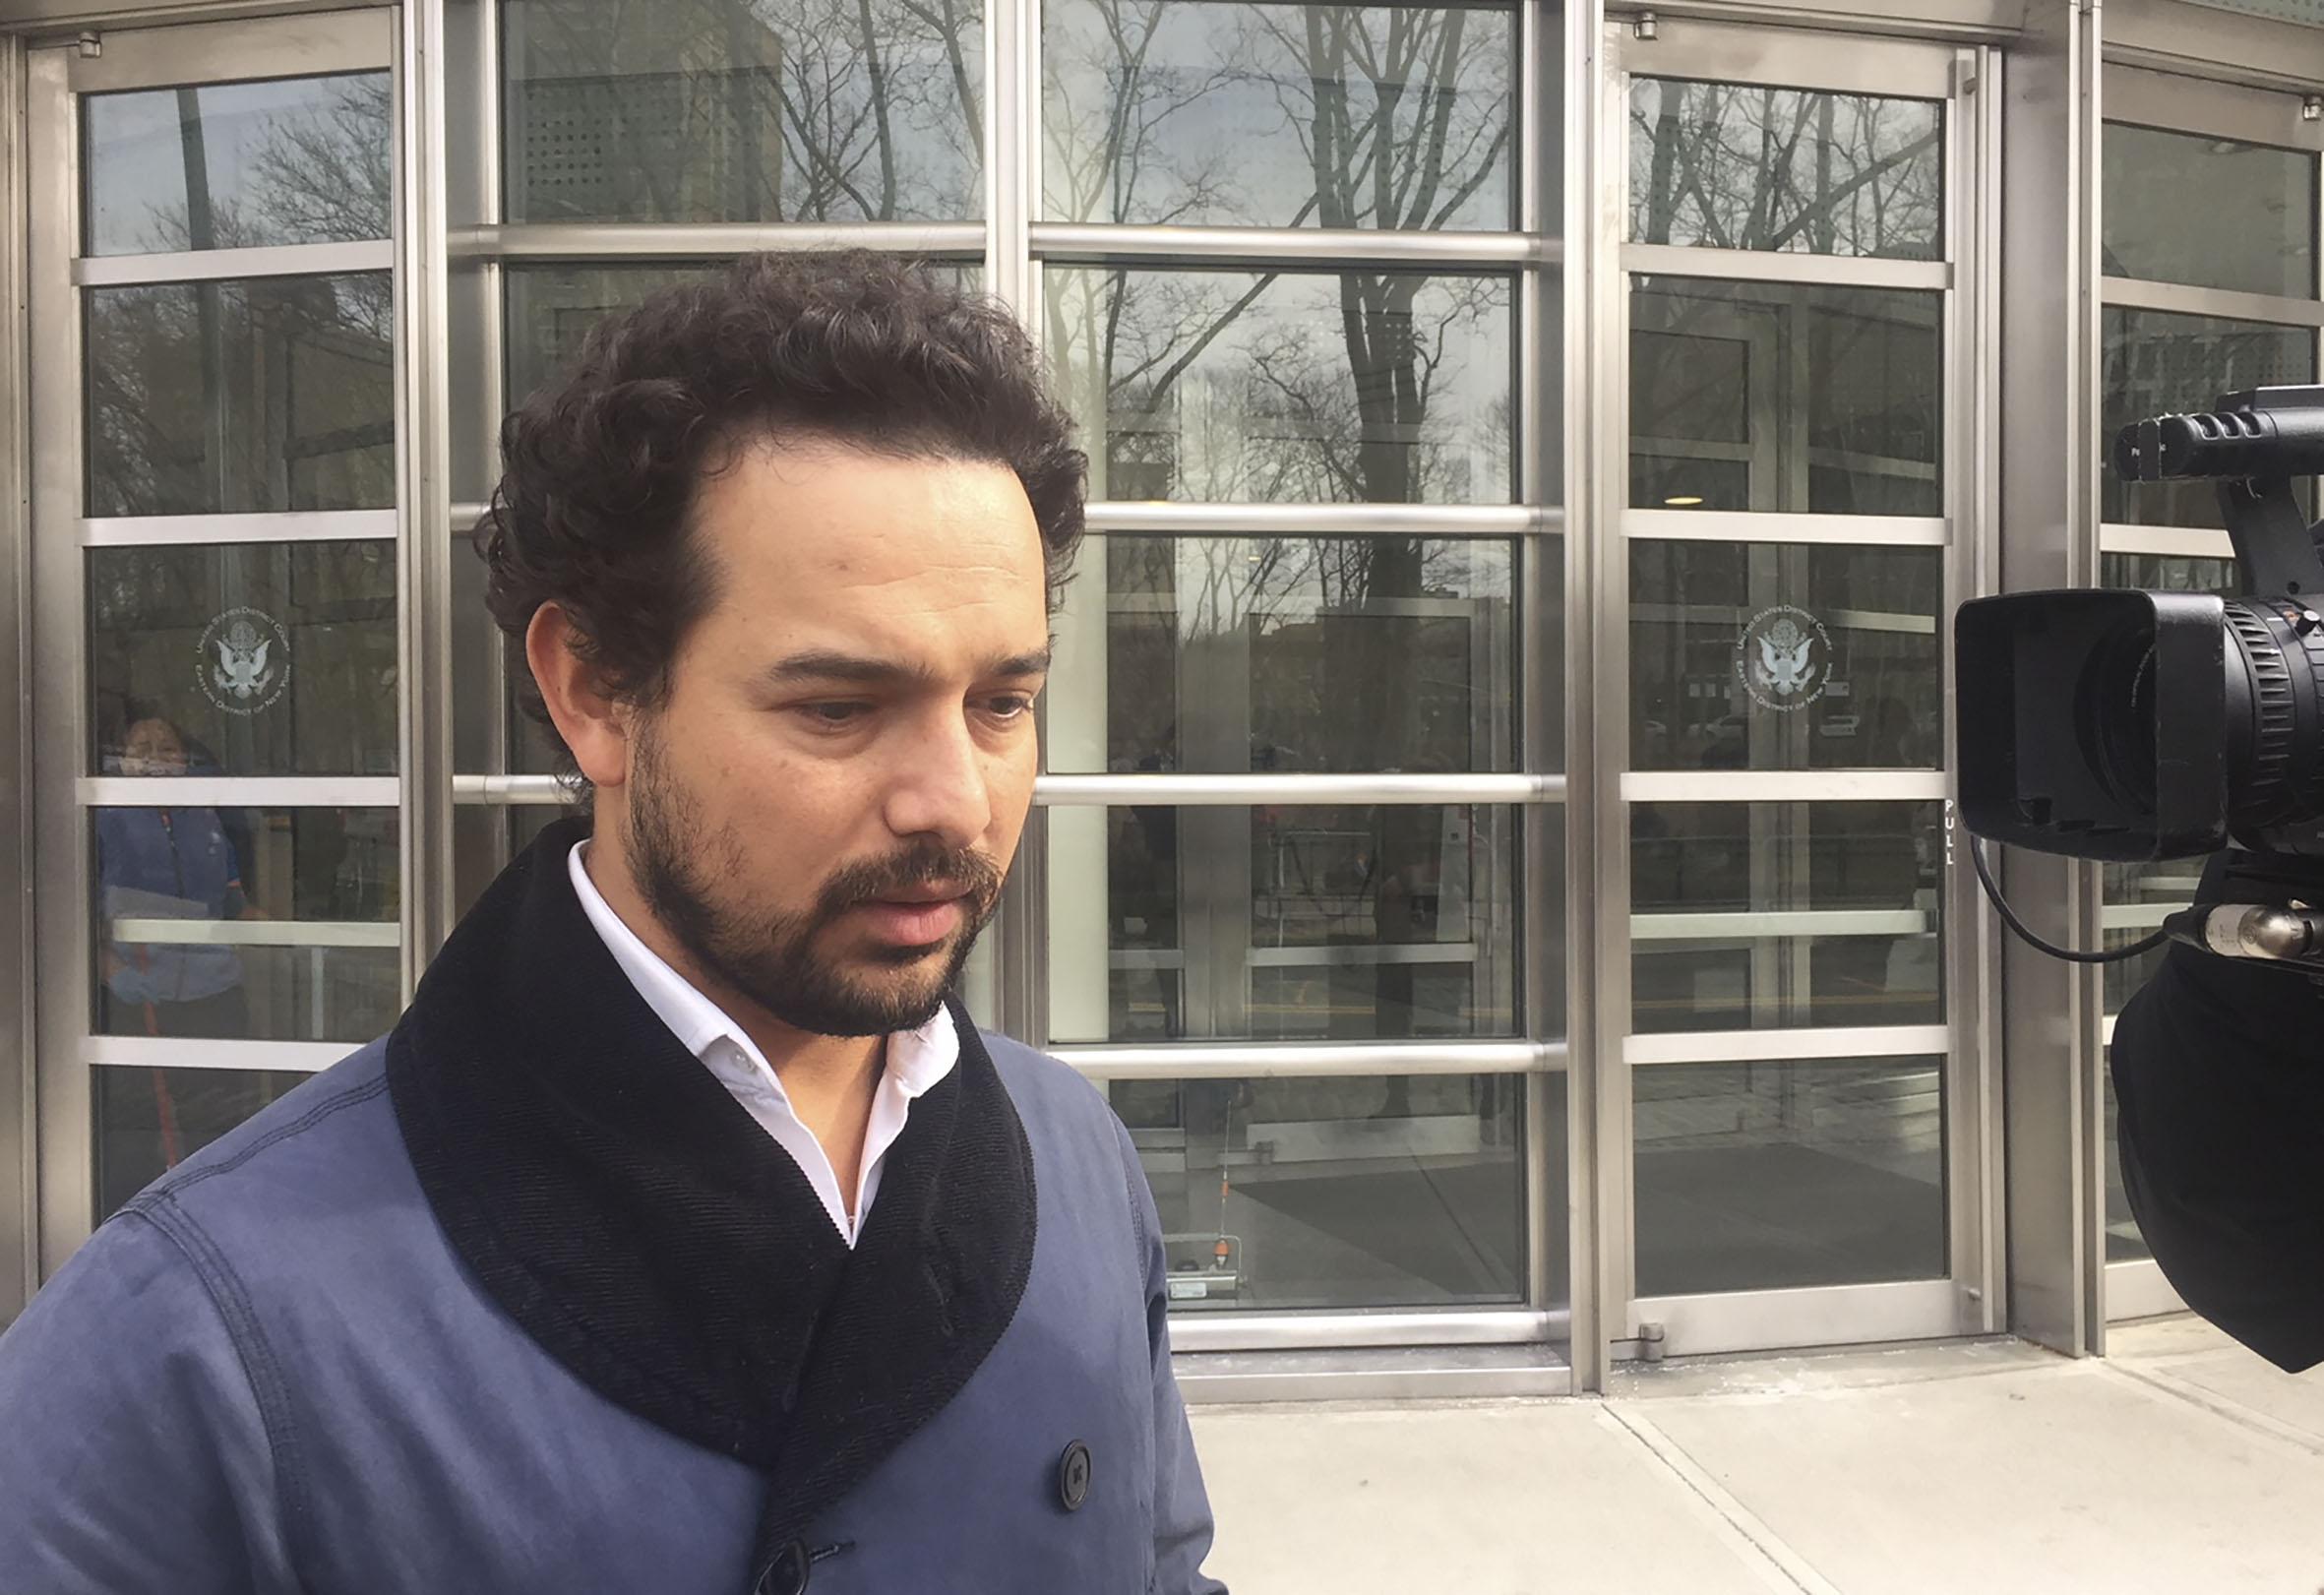 Actor mexicano Alejandro Edda, quien encarna al Chapo en la serie de Narcos, de Netflix.